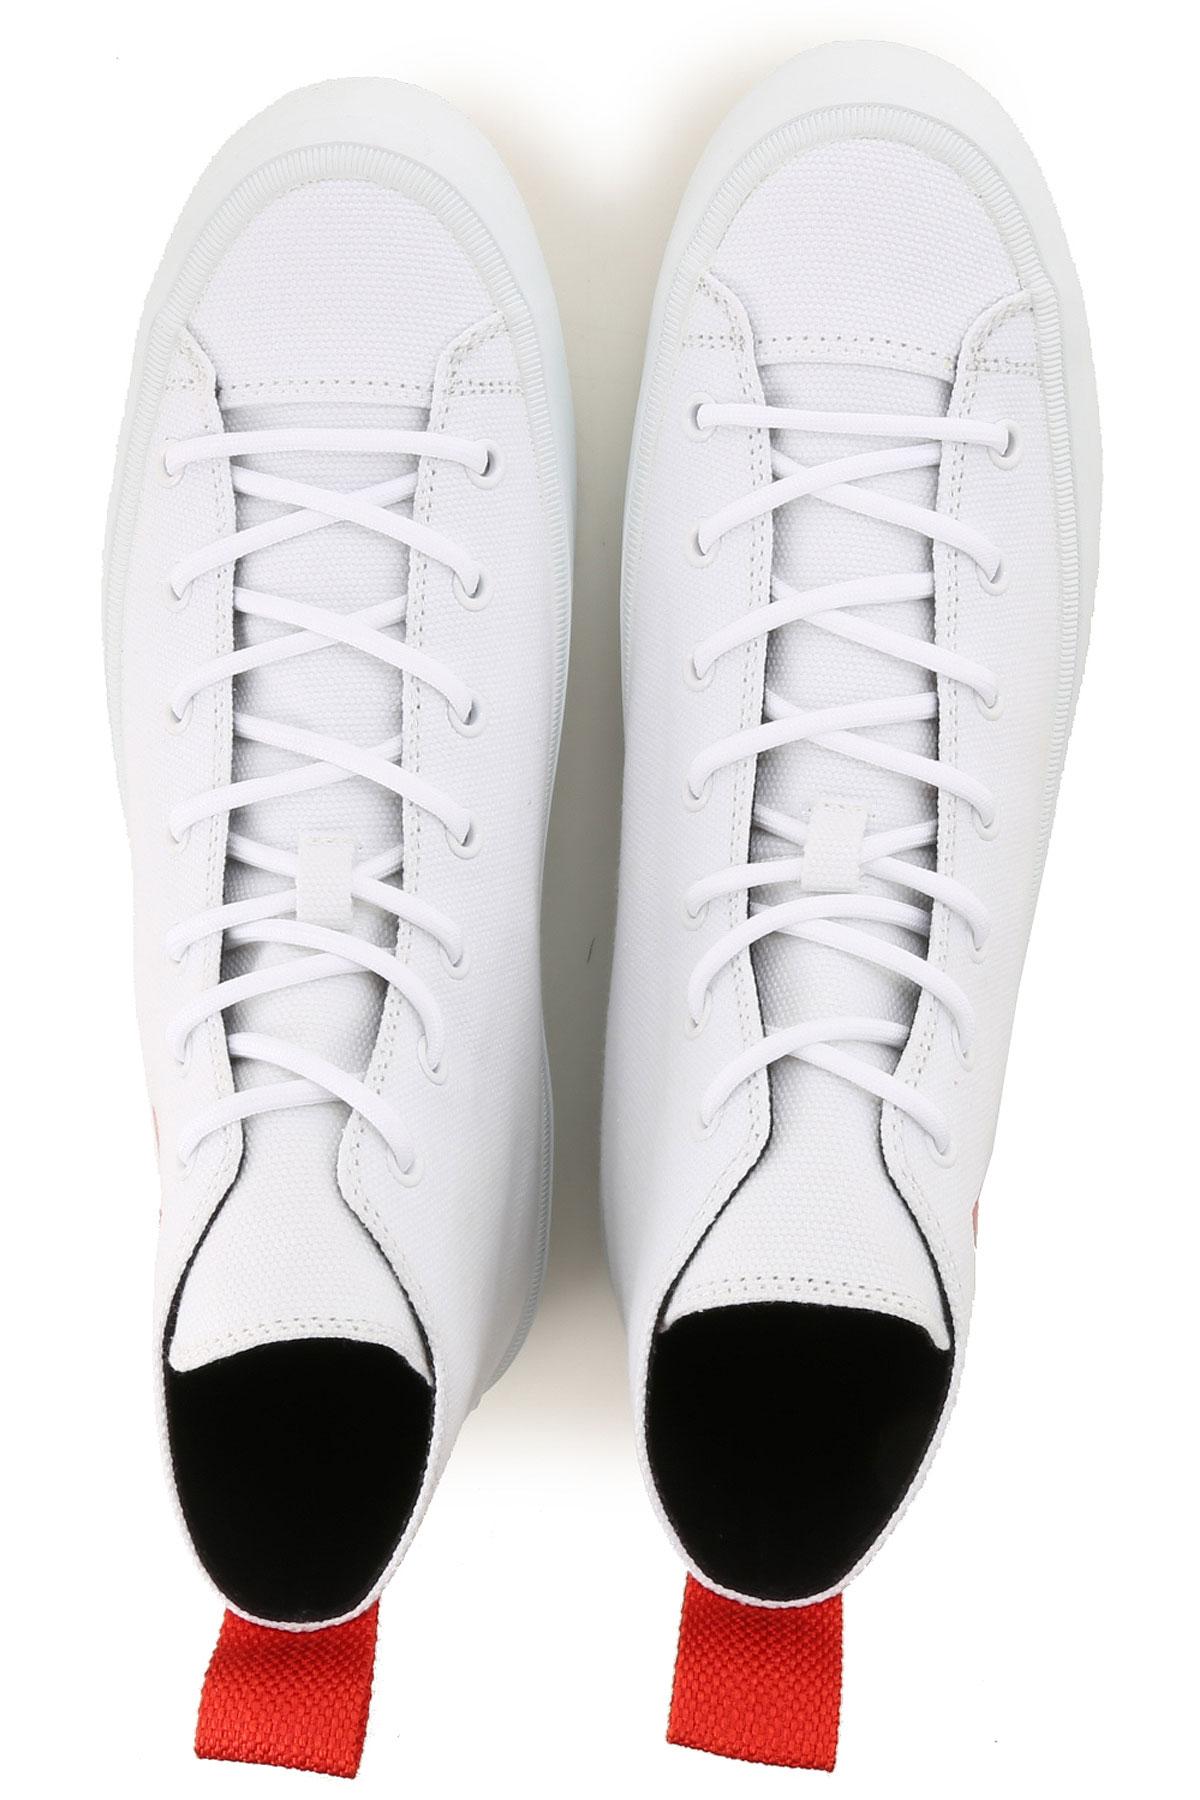 Hombres Zapatos Rojo 2019 Para Blanco Primavera Kenzo verano 8vwAPwq